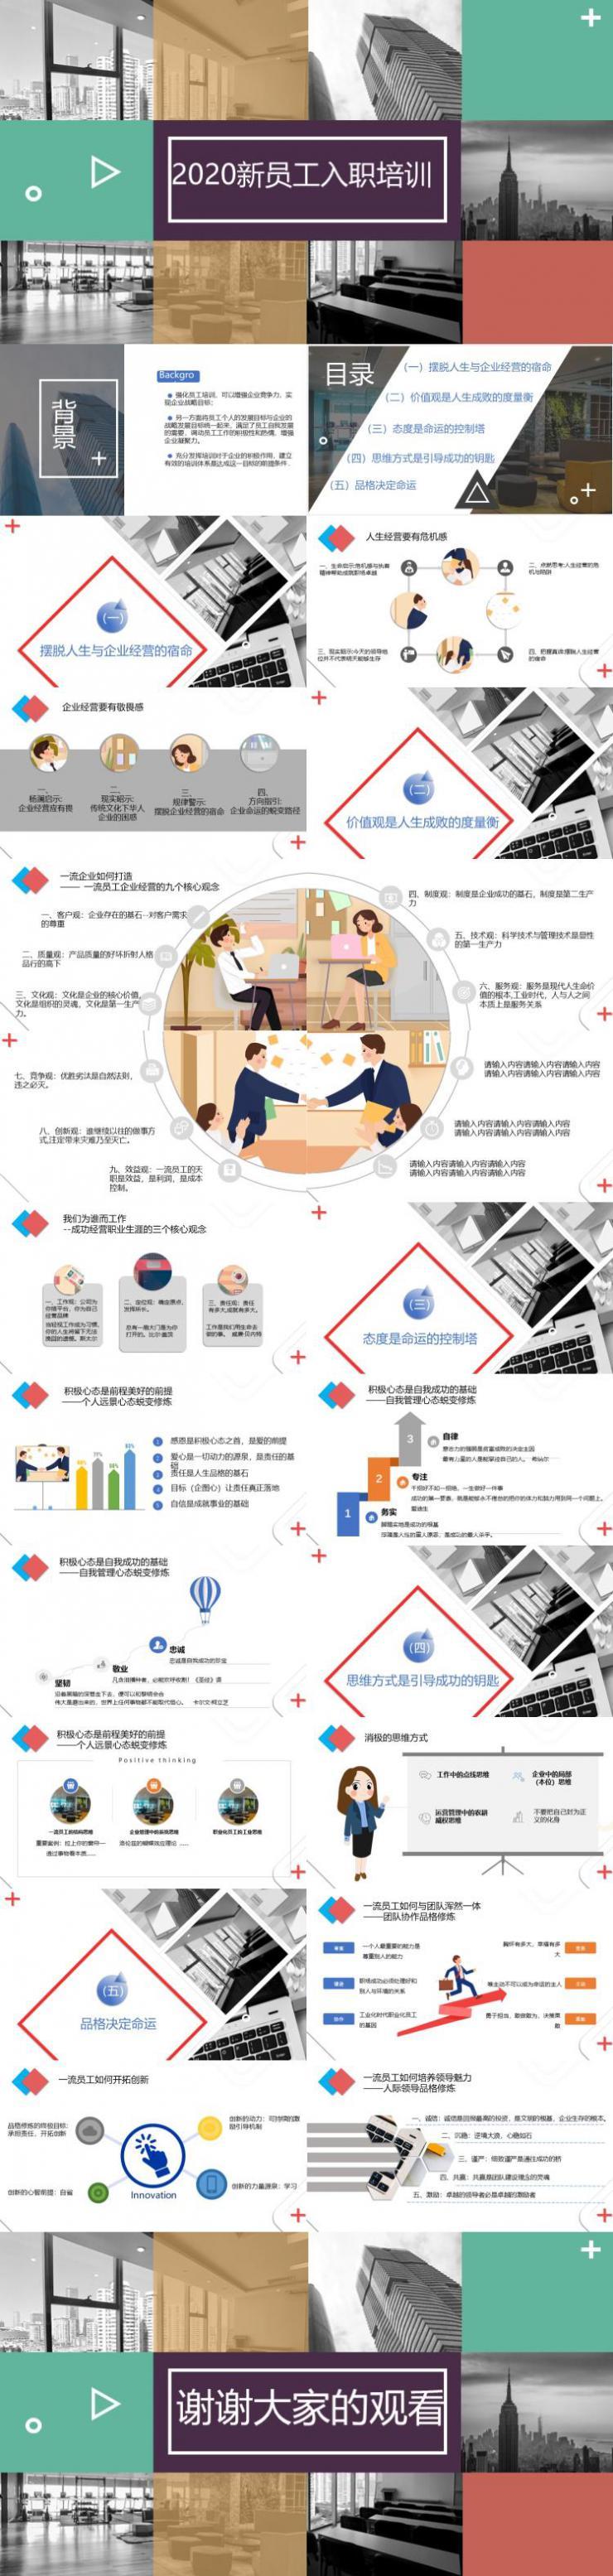 创意原创商业员工培训PPT模板下载